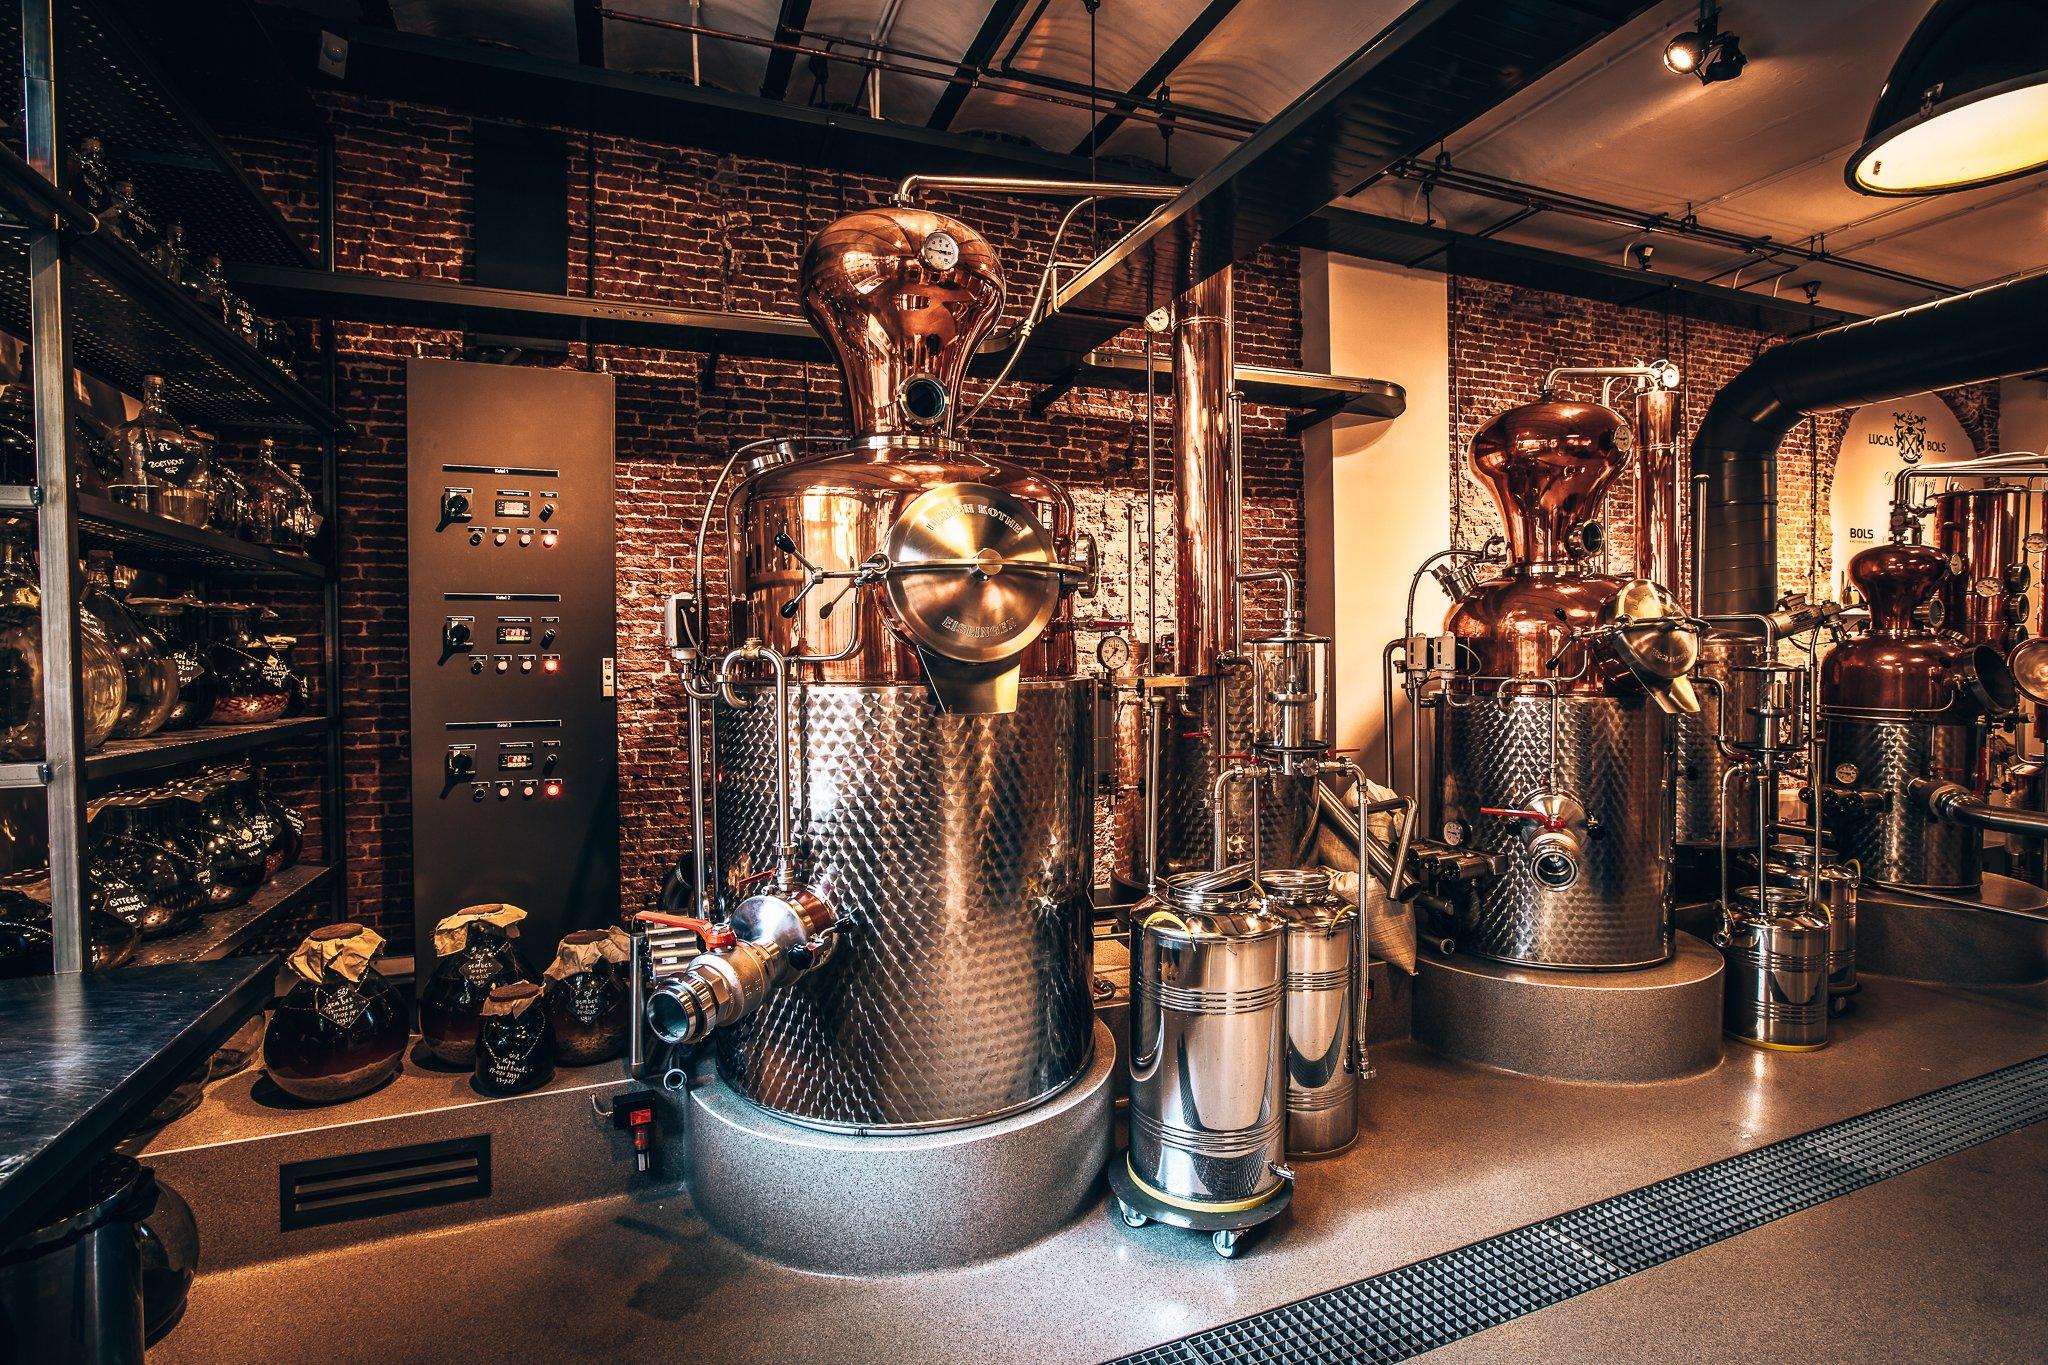 Distilleerderij van Lucas Bols, Amsterdam, Alles over gin.